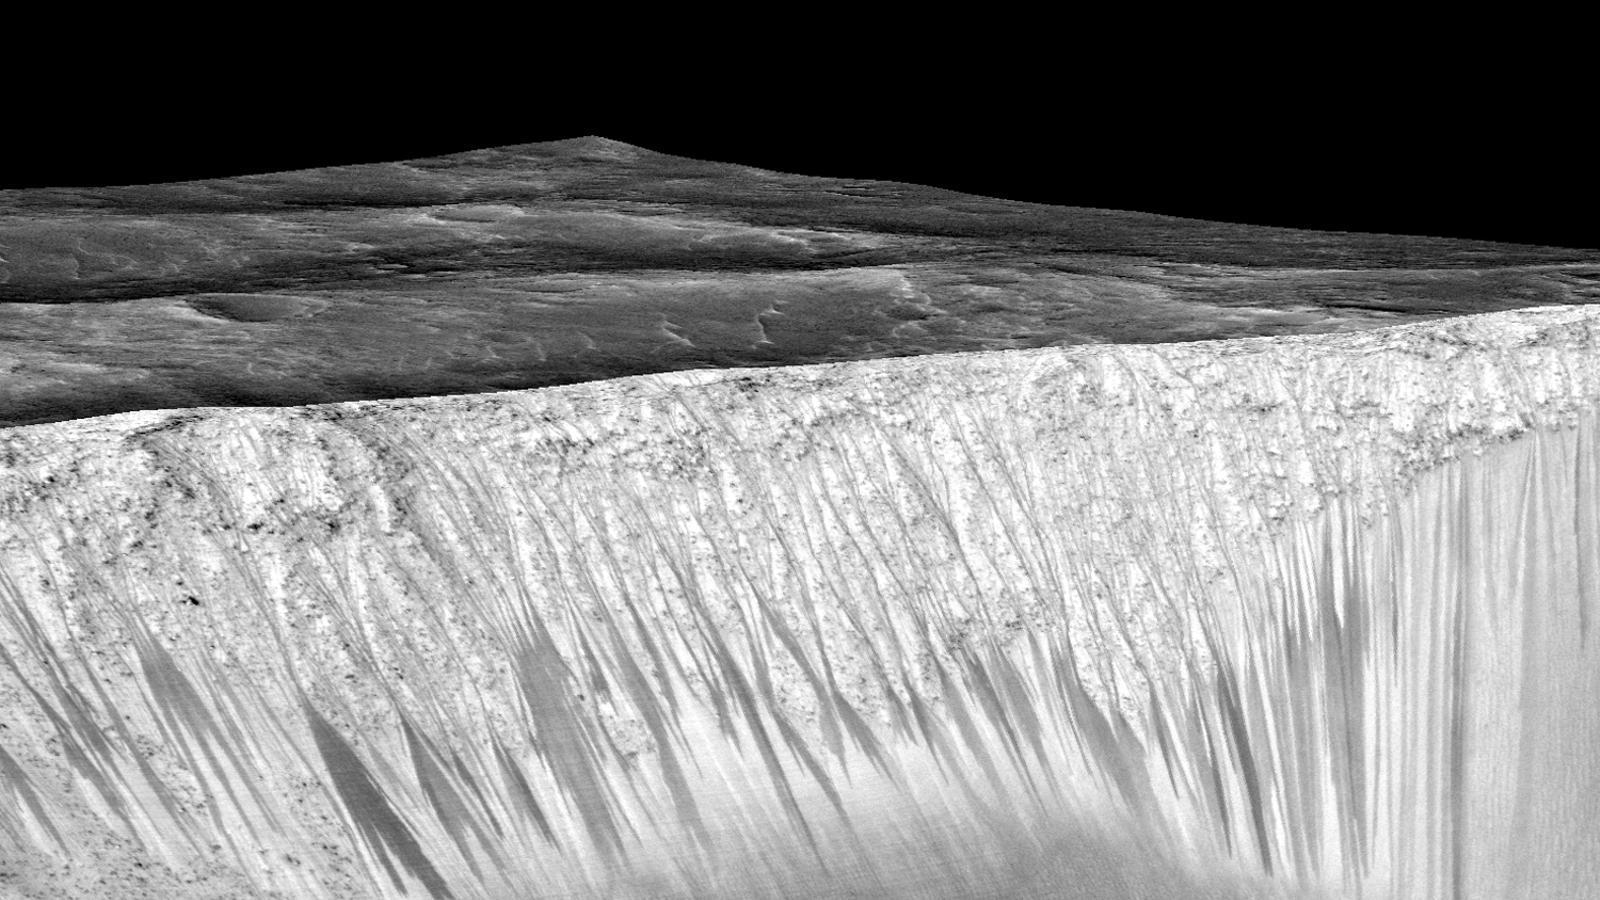 Hi pot haver vida a Mart?